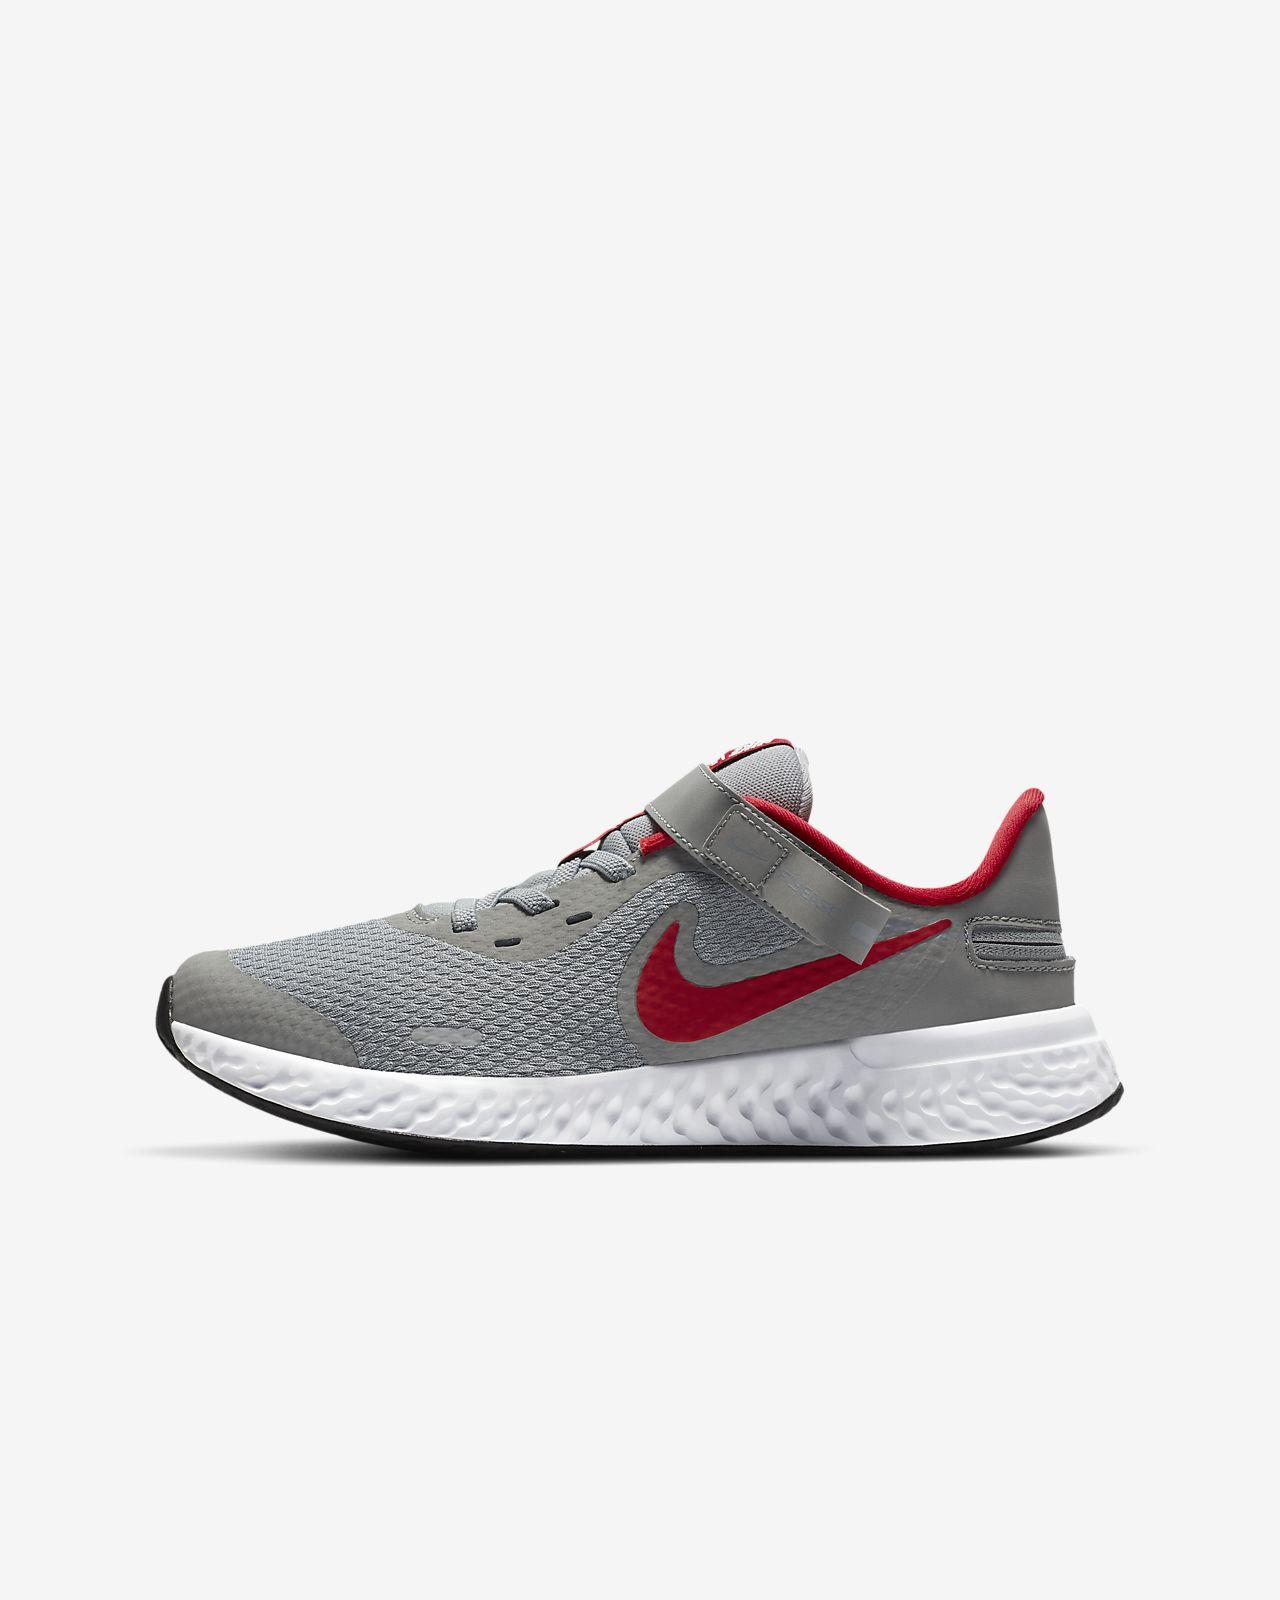 Calzado De Running Para Ninos Talla Grande Nike Revolution 5 Flyease Nike Cl